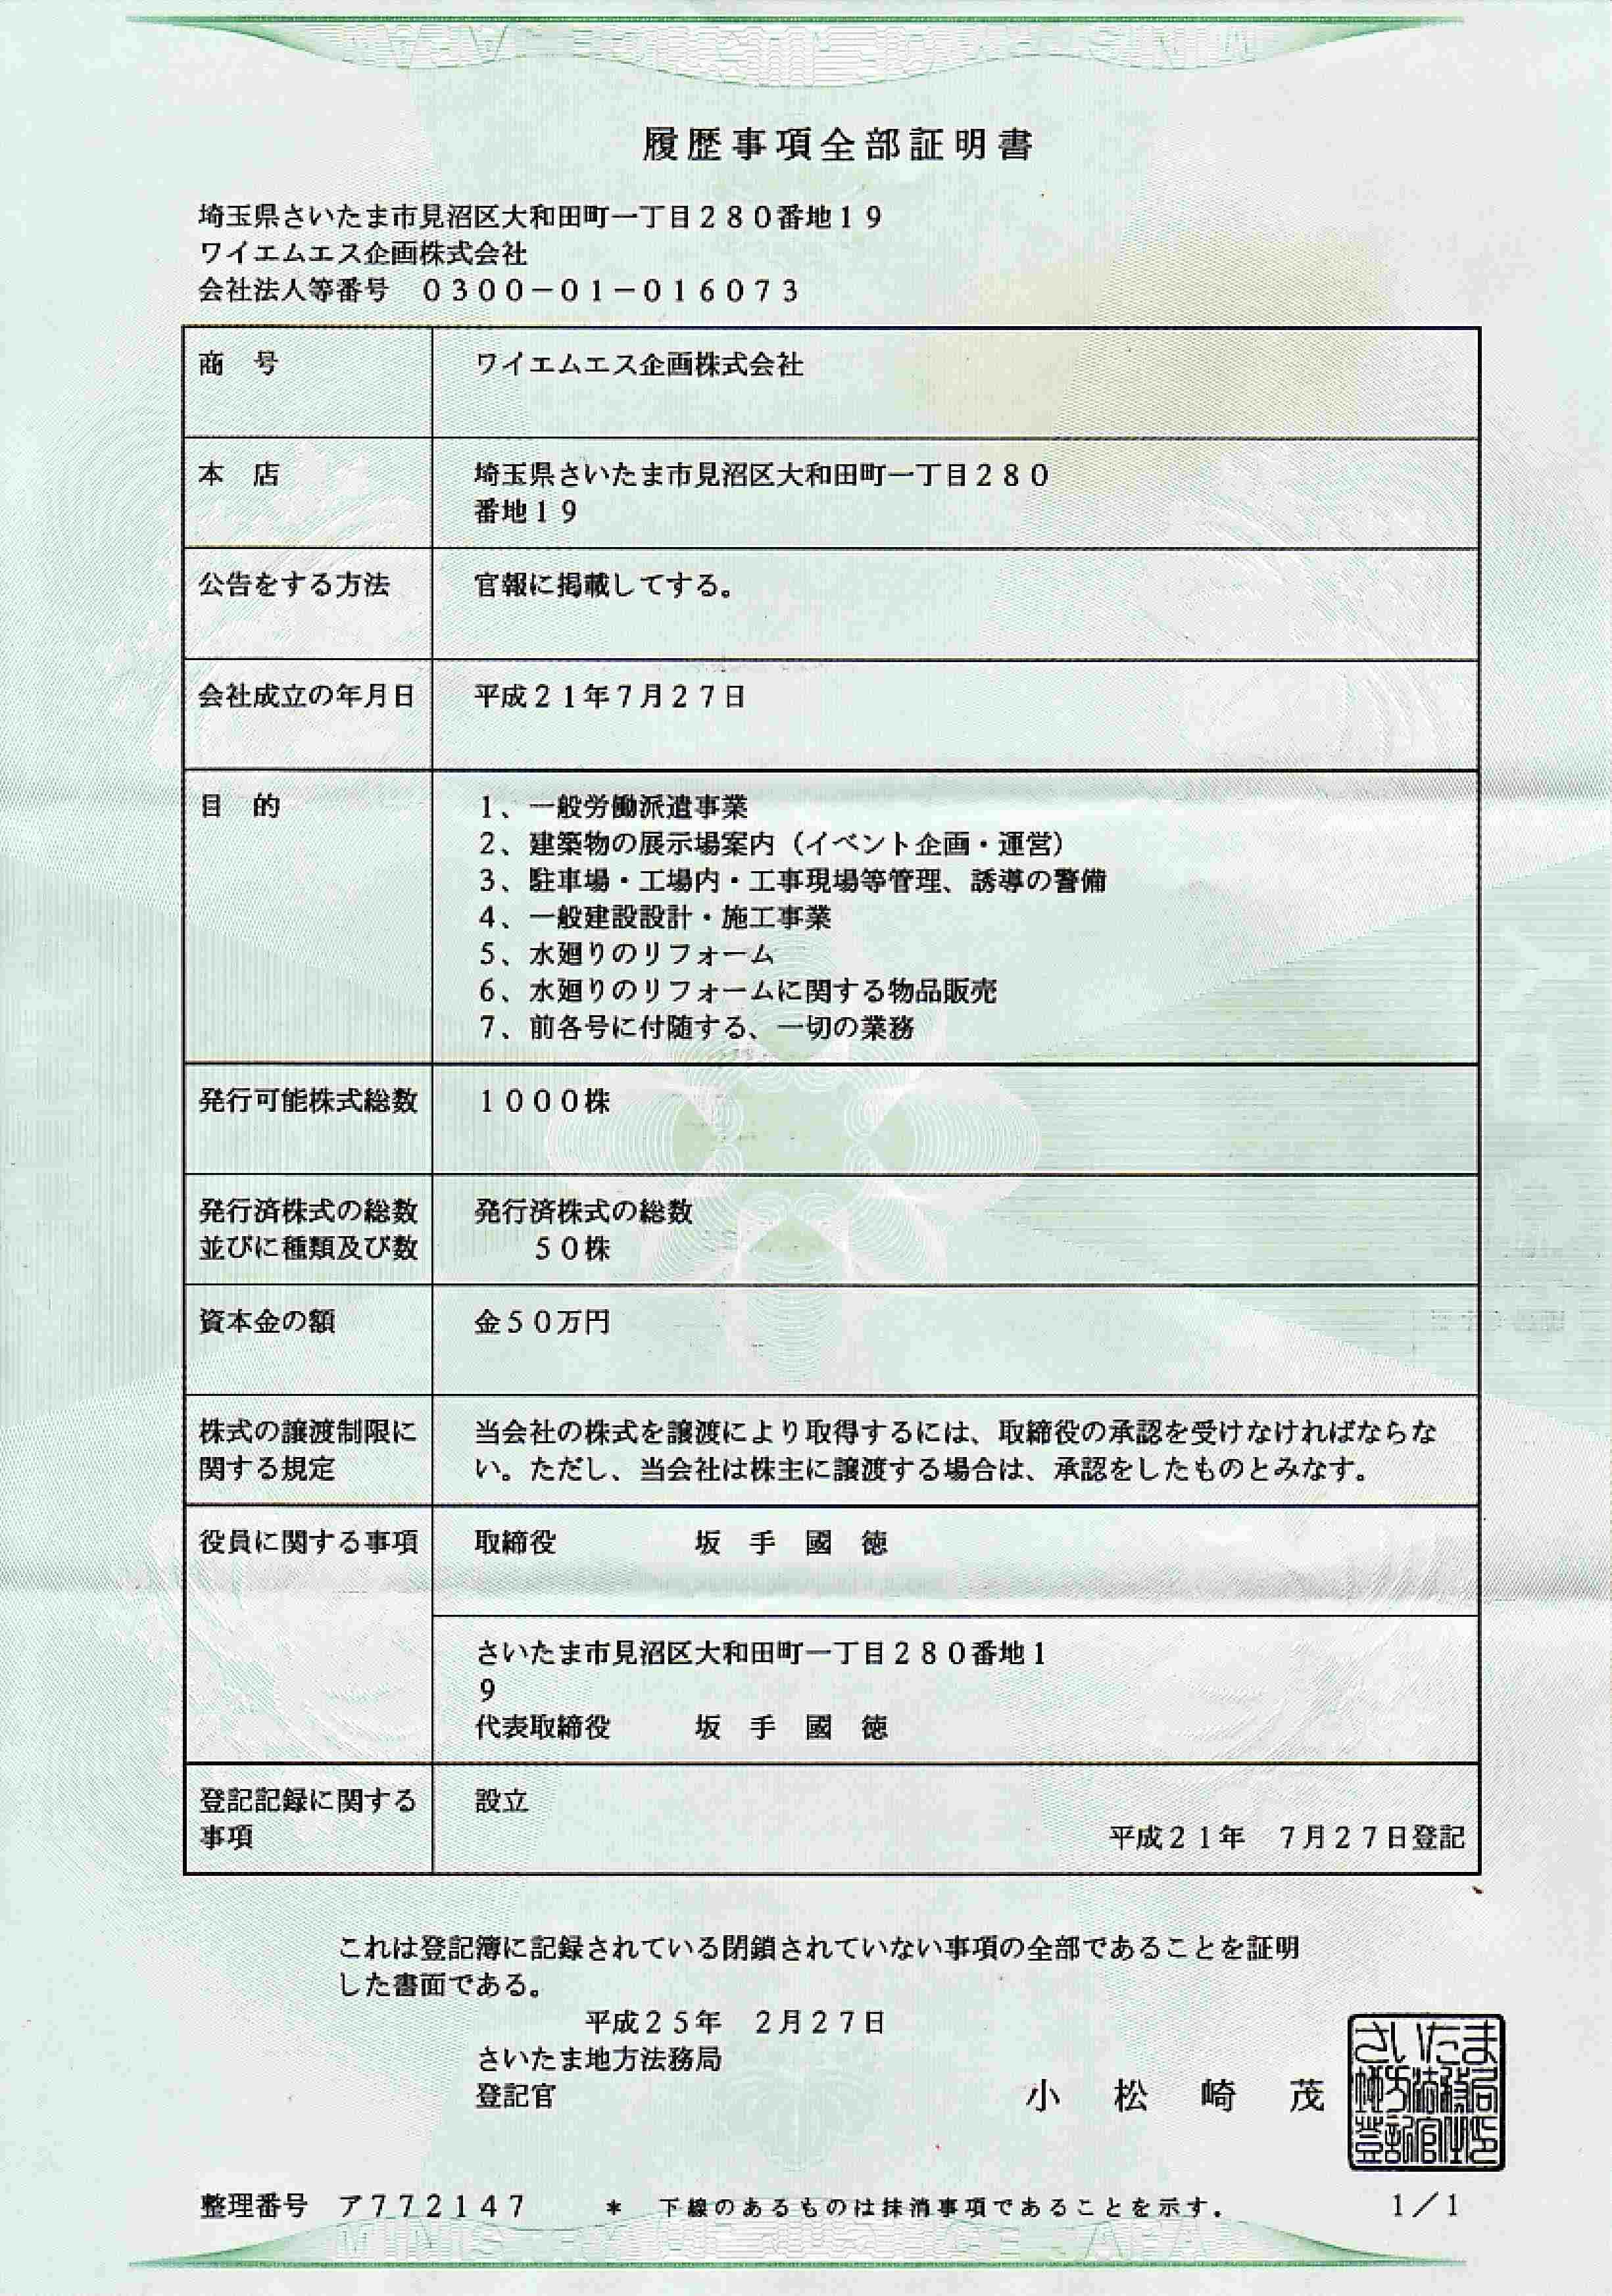 法人登記簿B